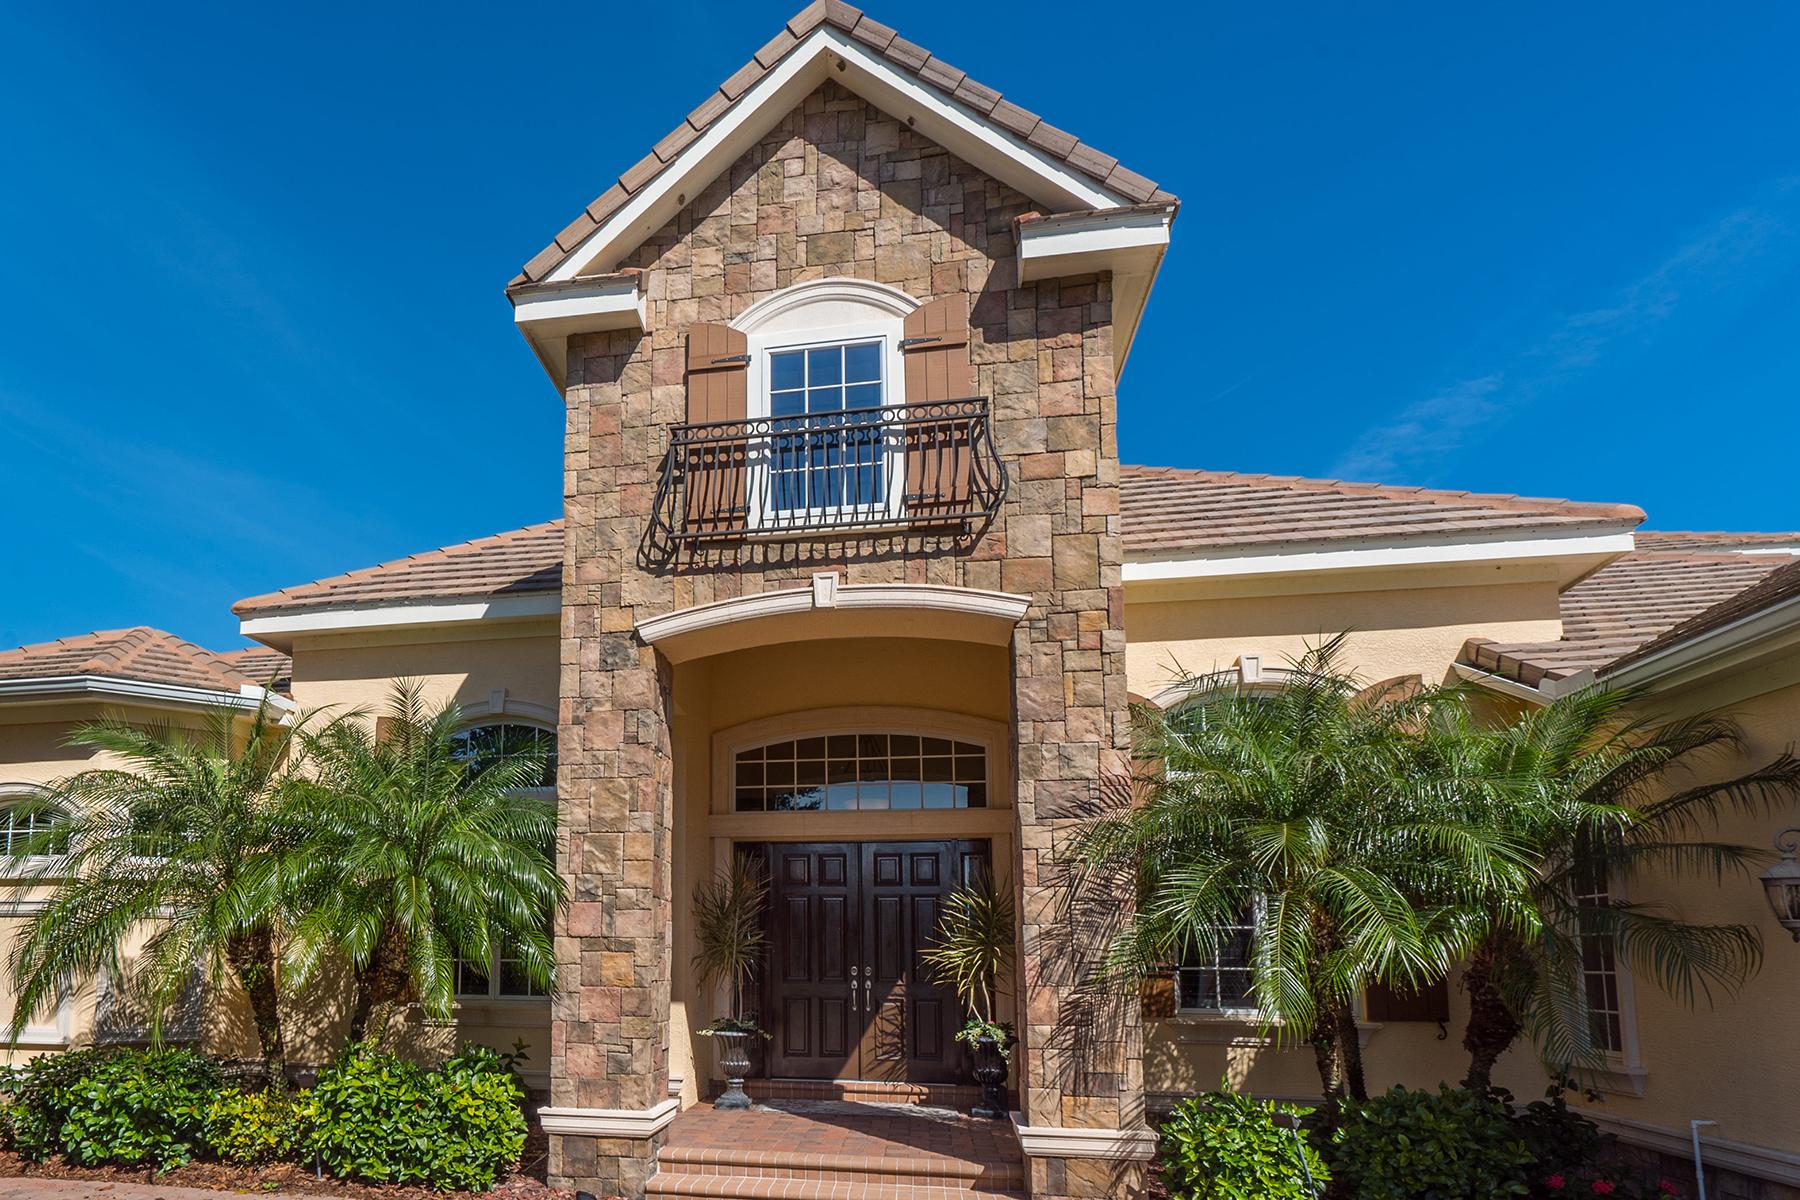 Casa Unifamiliar por un Venta en FOUNDERS CLUB 4097 Founders Club Dr Sarasota, Florida 34240 Estados Unidos